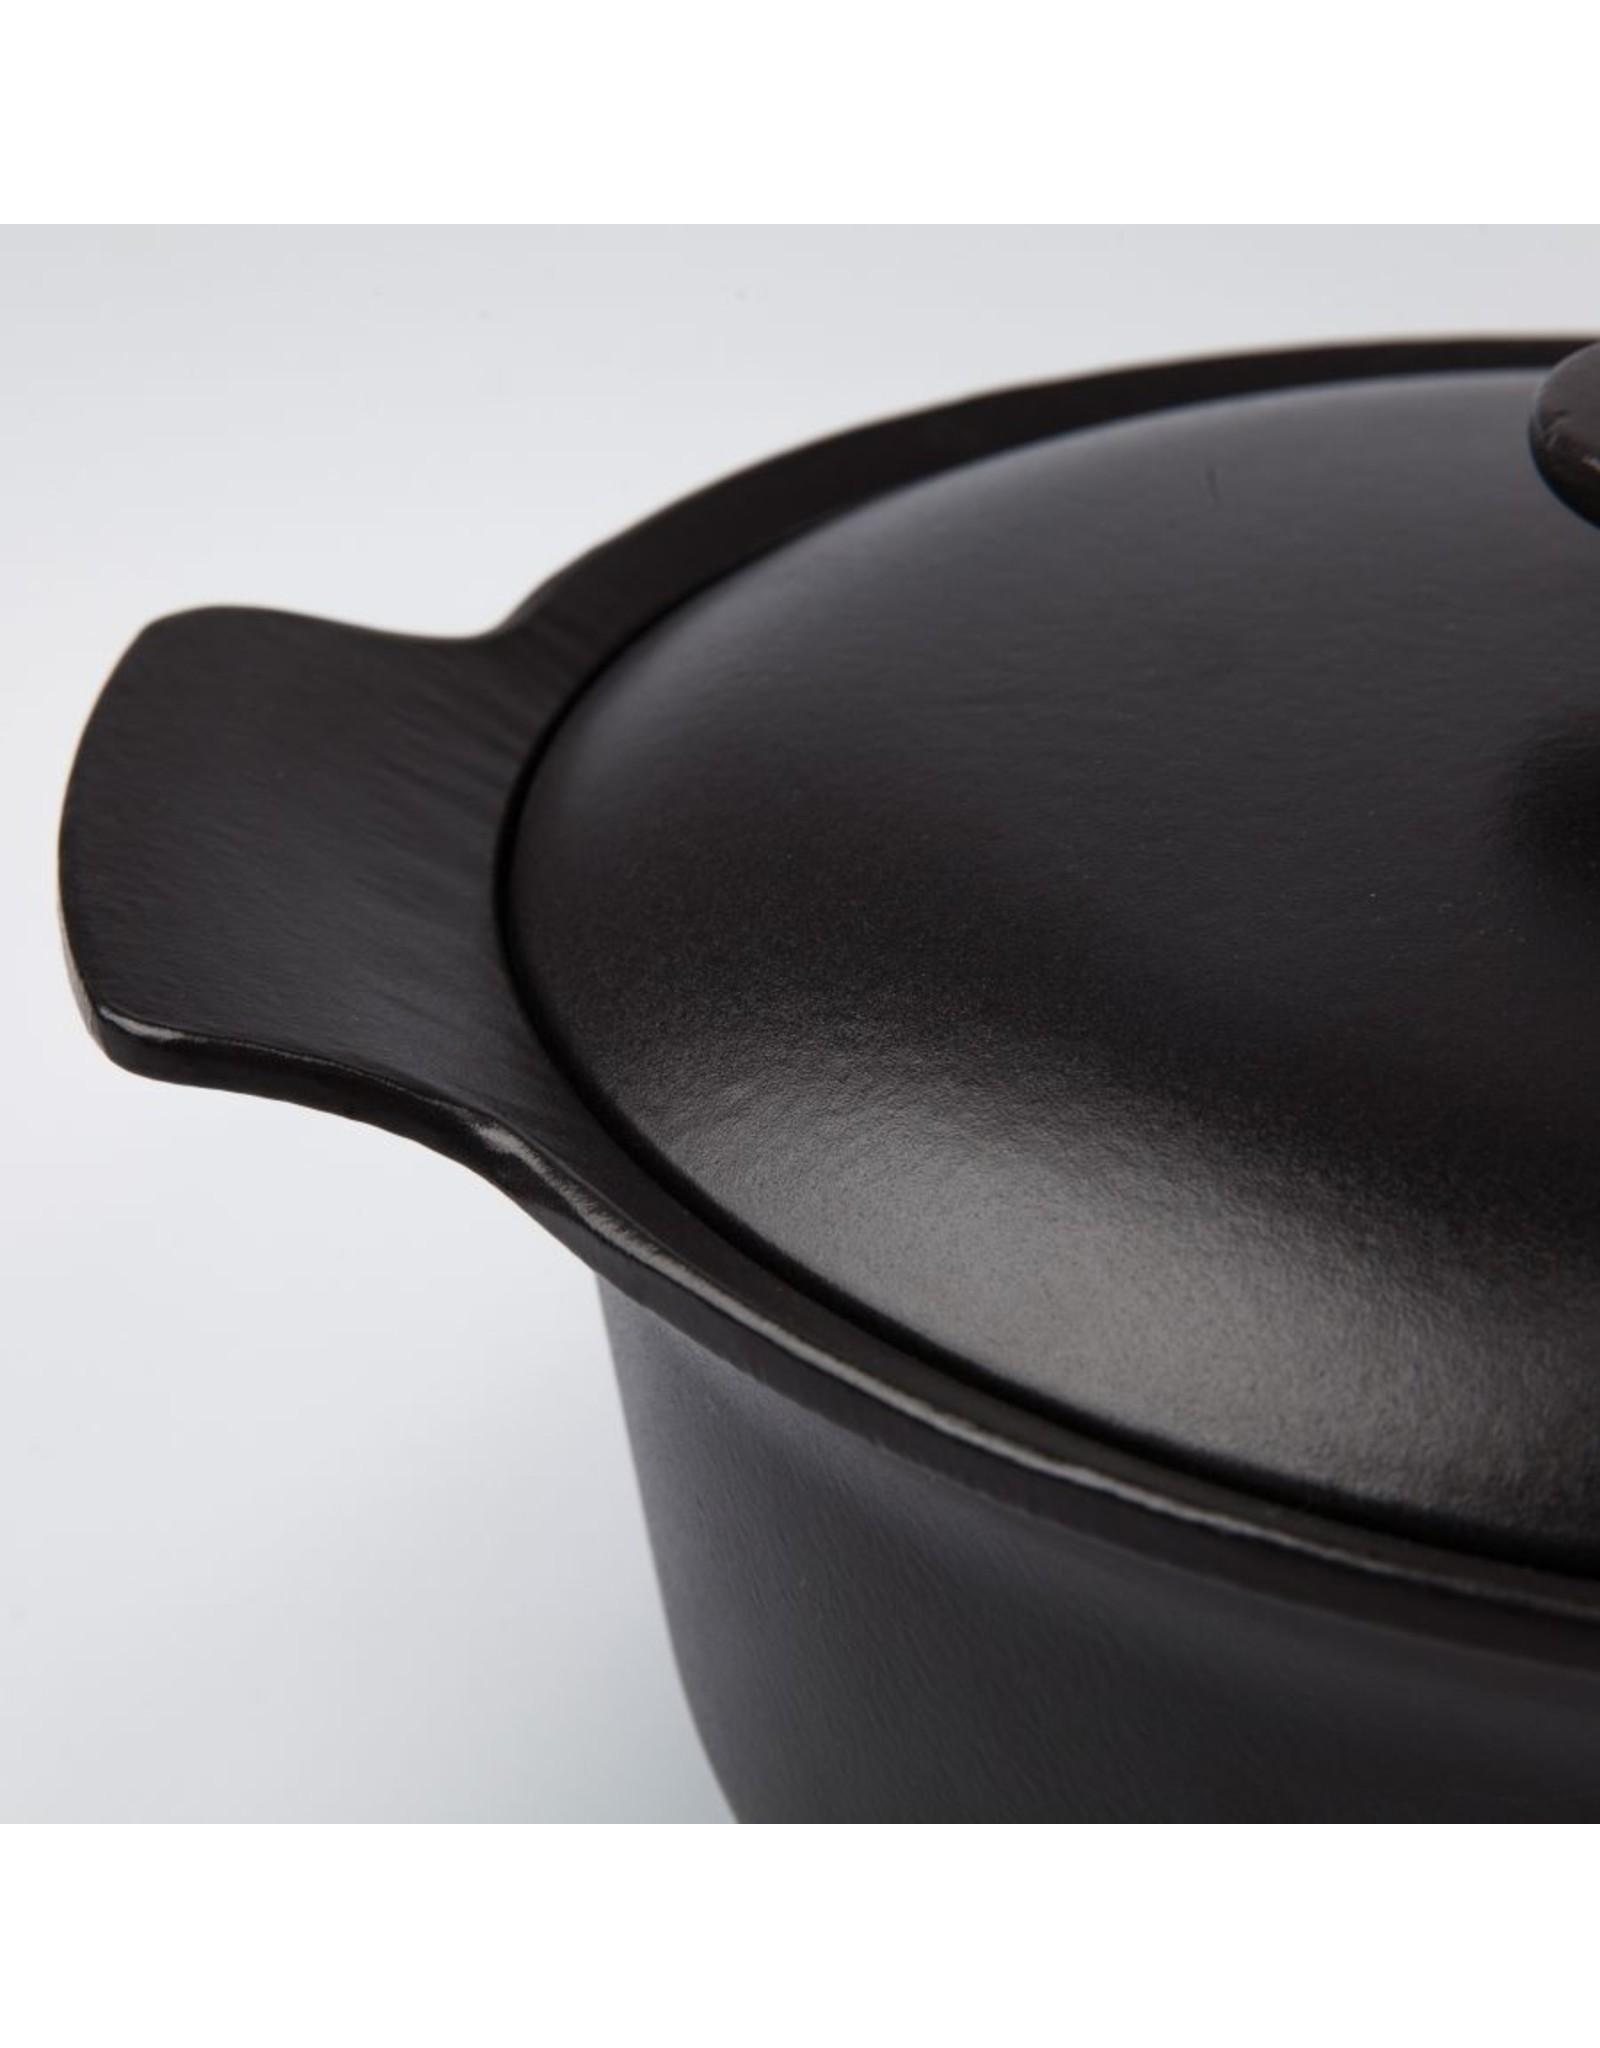 Berghoff BergHoff. Ron Line kookpot met deksel 24 cm gietijzer zwart